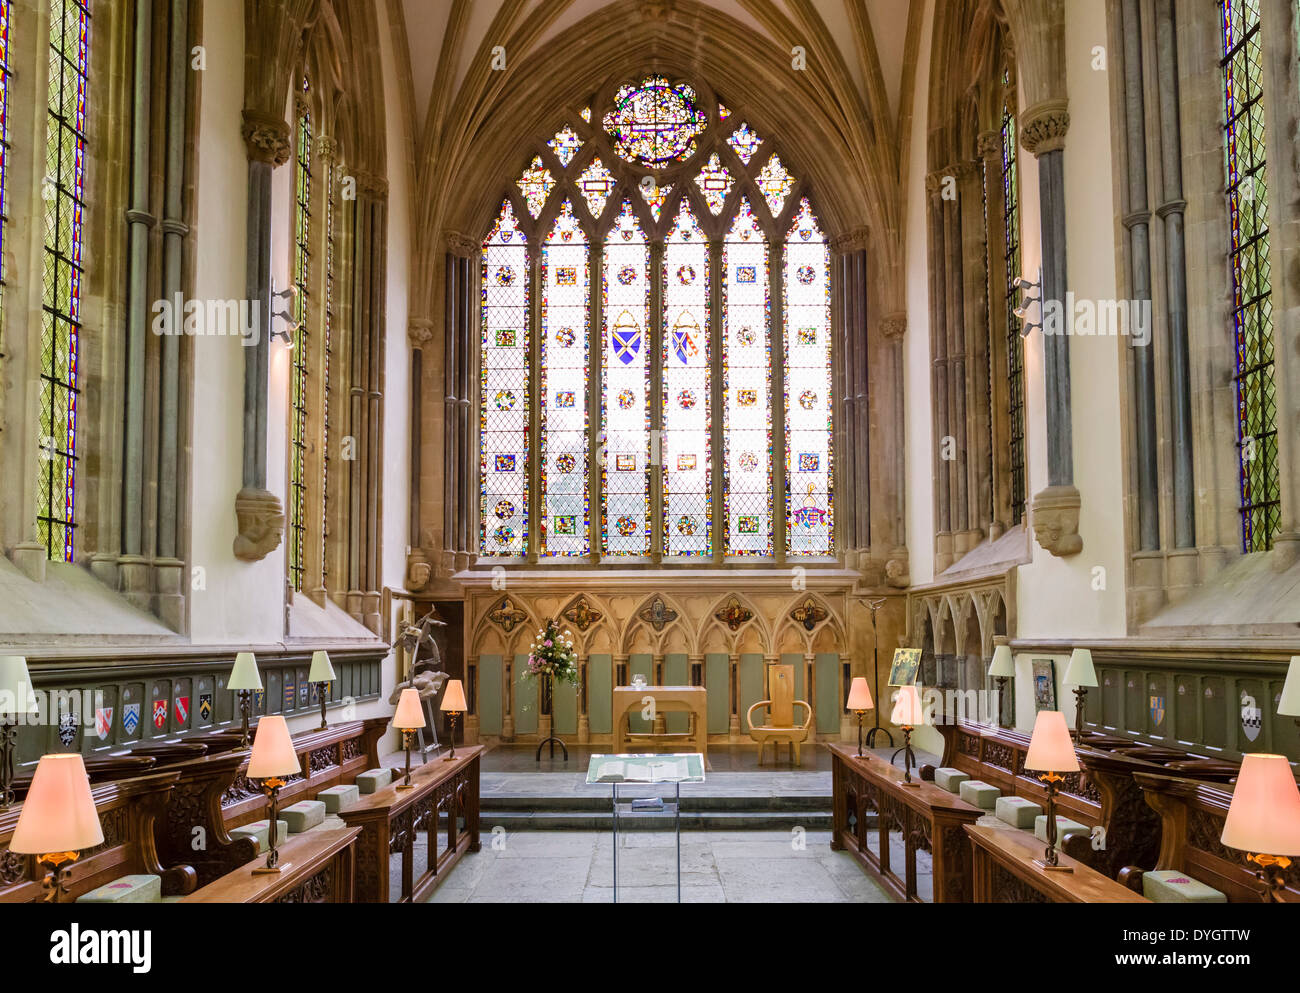 Der Bischof-Kapelle in der Bischöflichen Palast, Wells, Somerset, England, UK Stockfoto